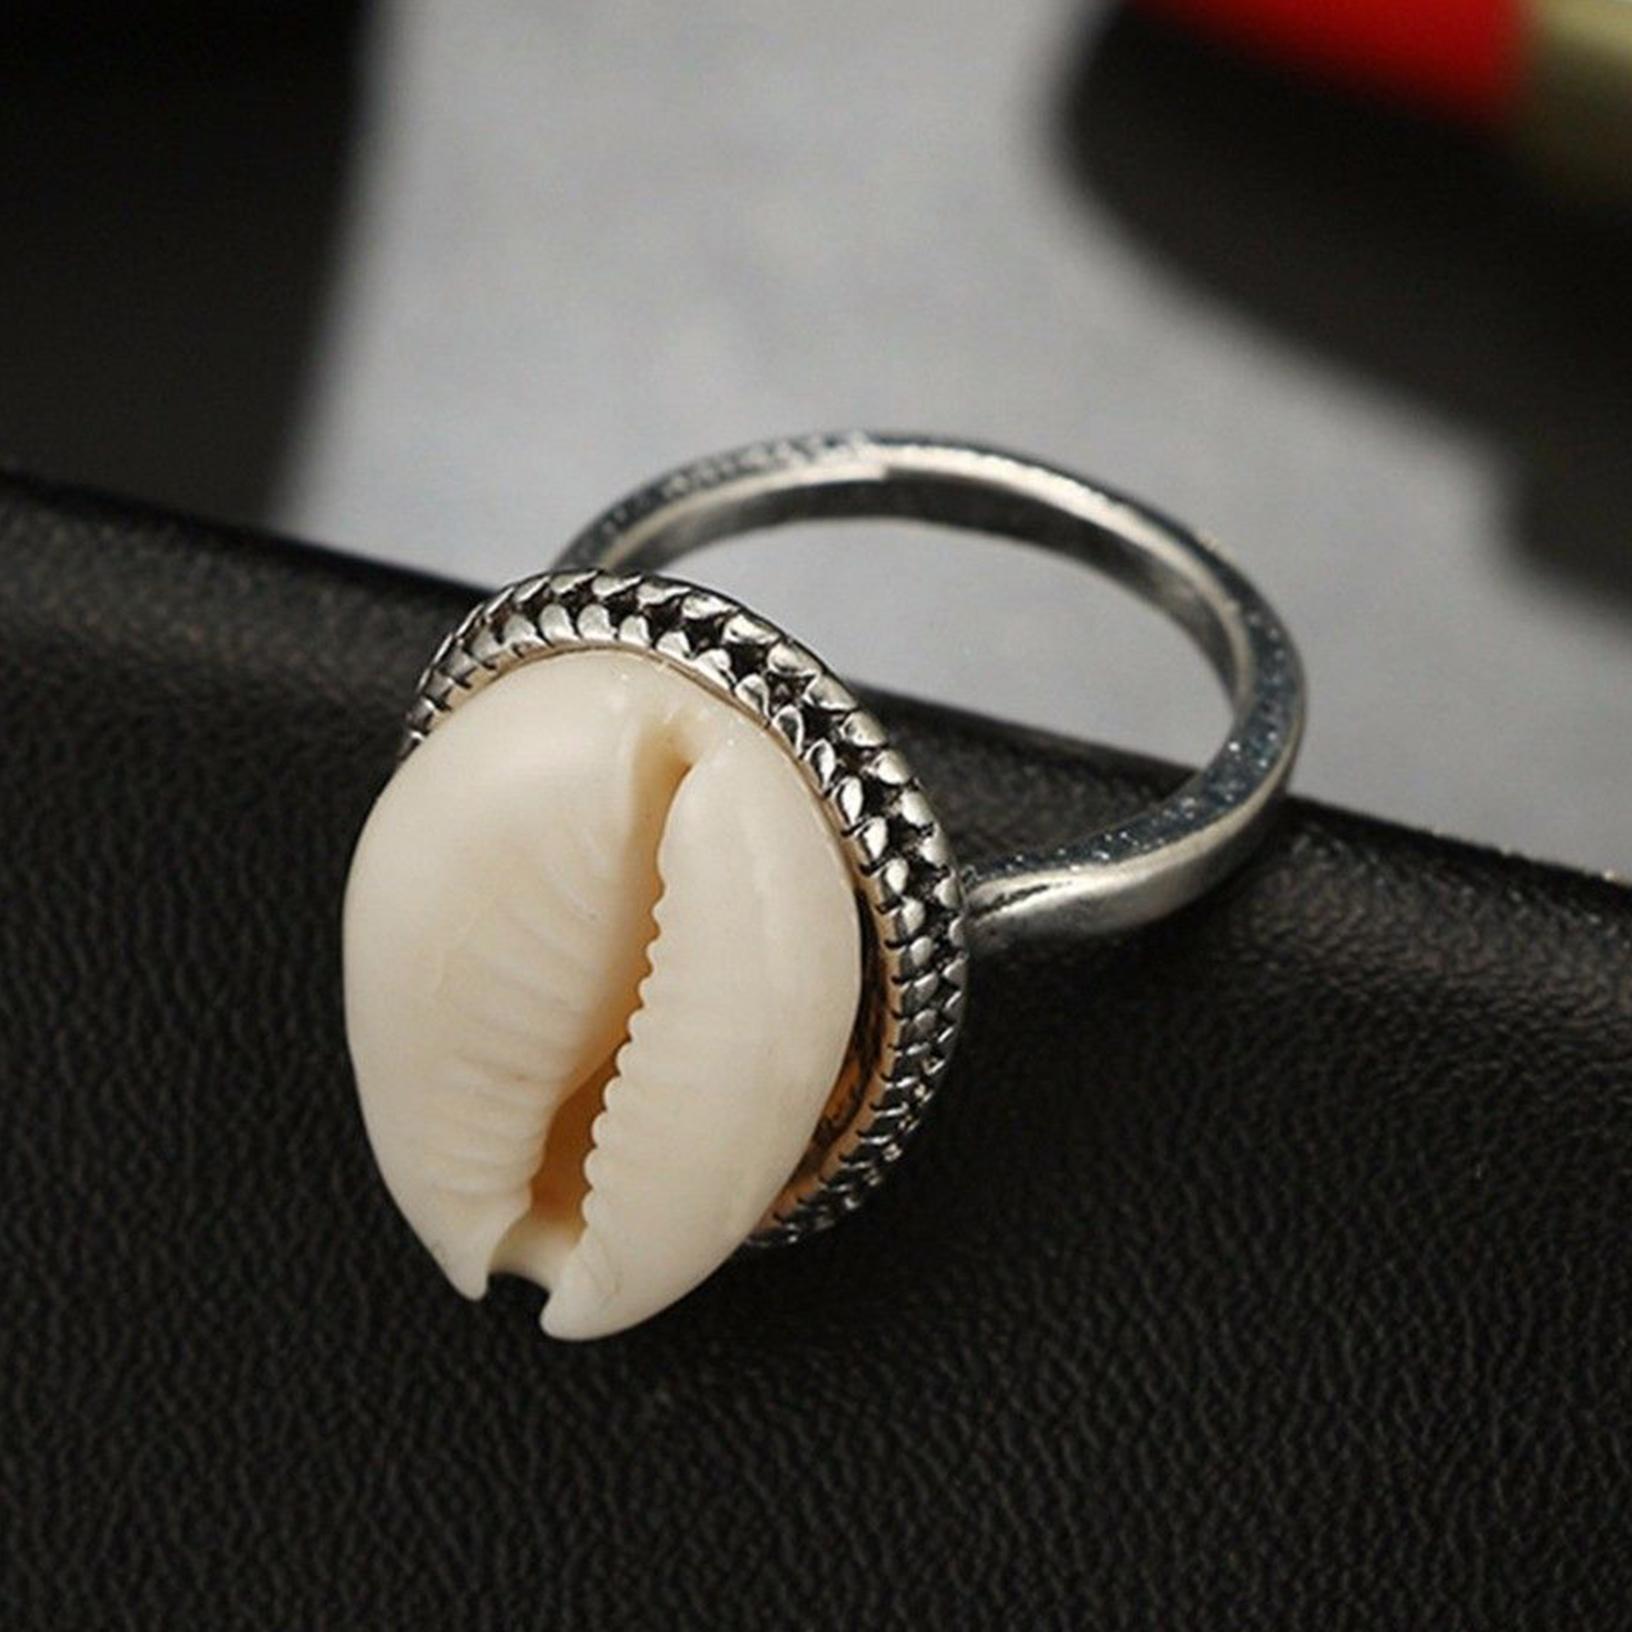 Boho Nature KAURI SHELL RING fait main bande argent anneaux bijoux cadeau